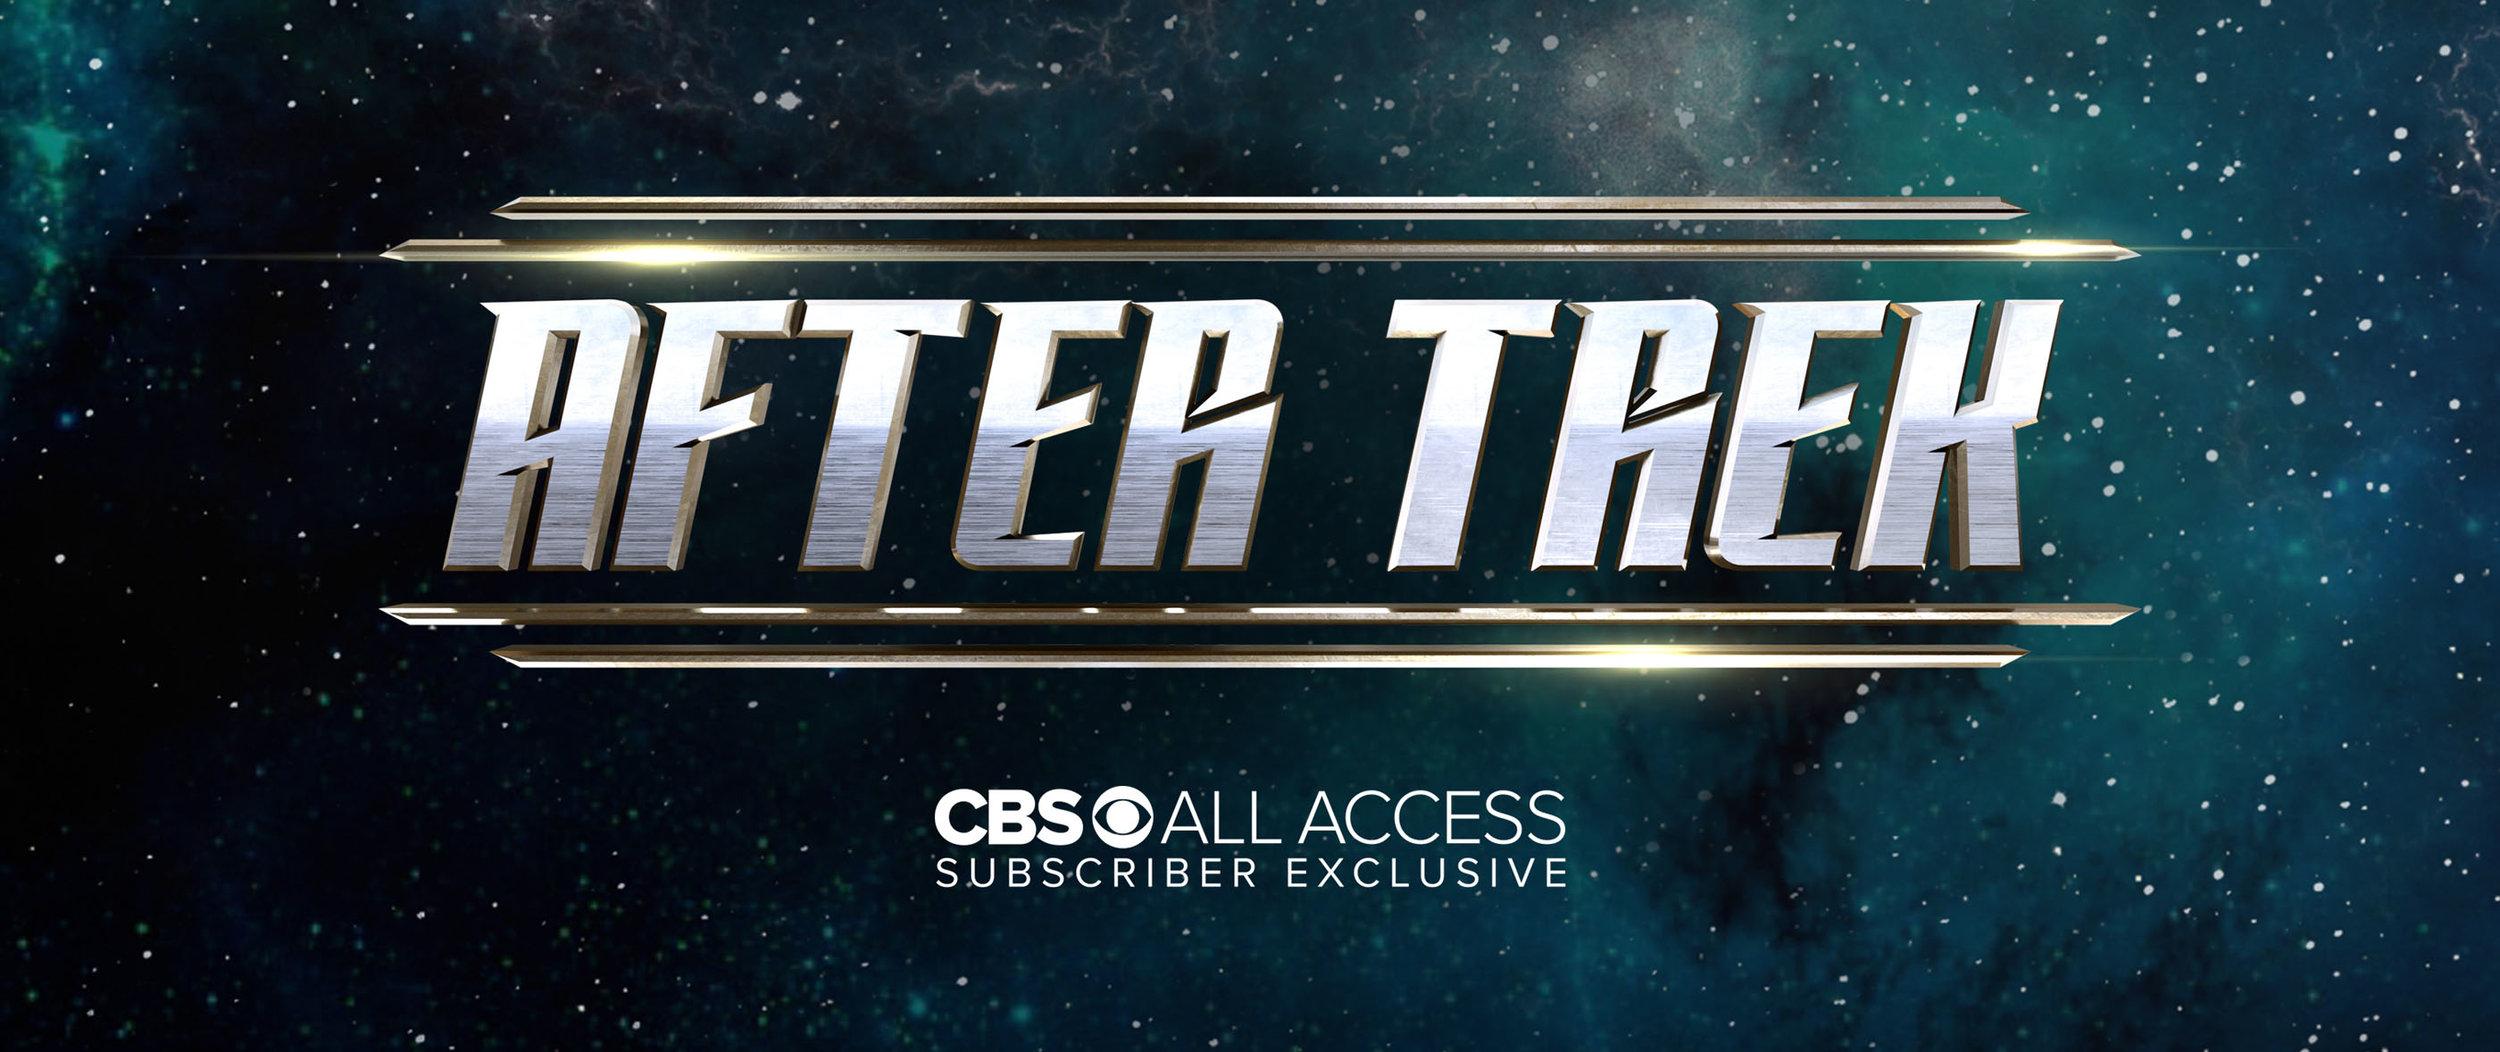 CBS_s After Trek .jpg